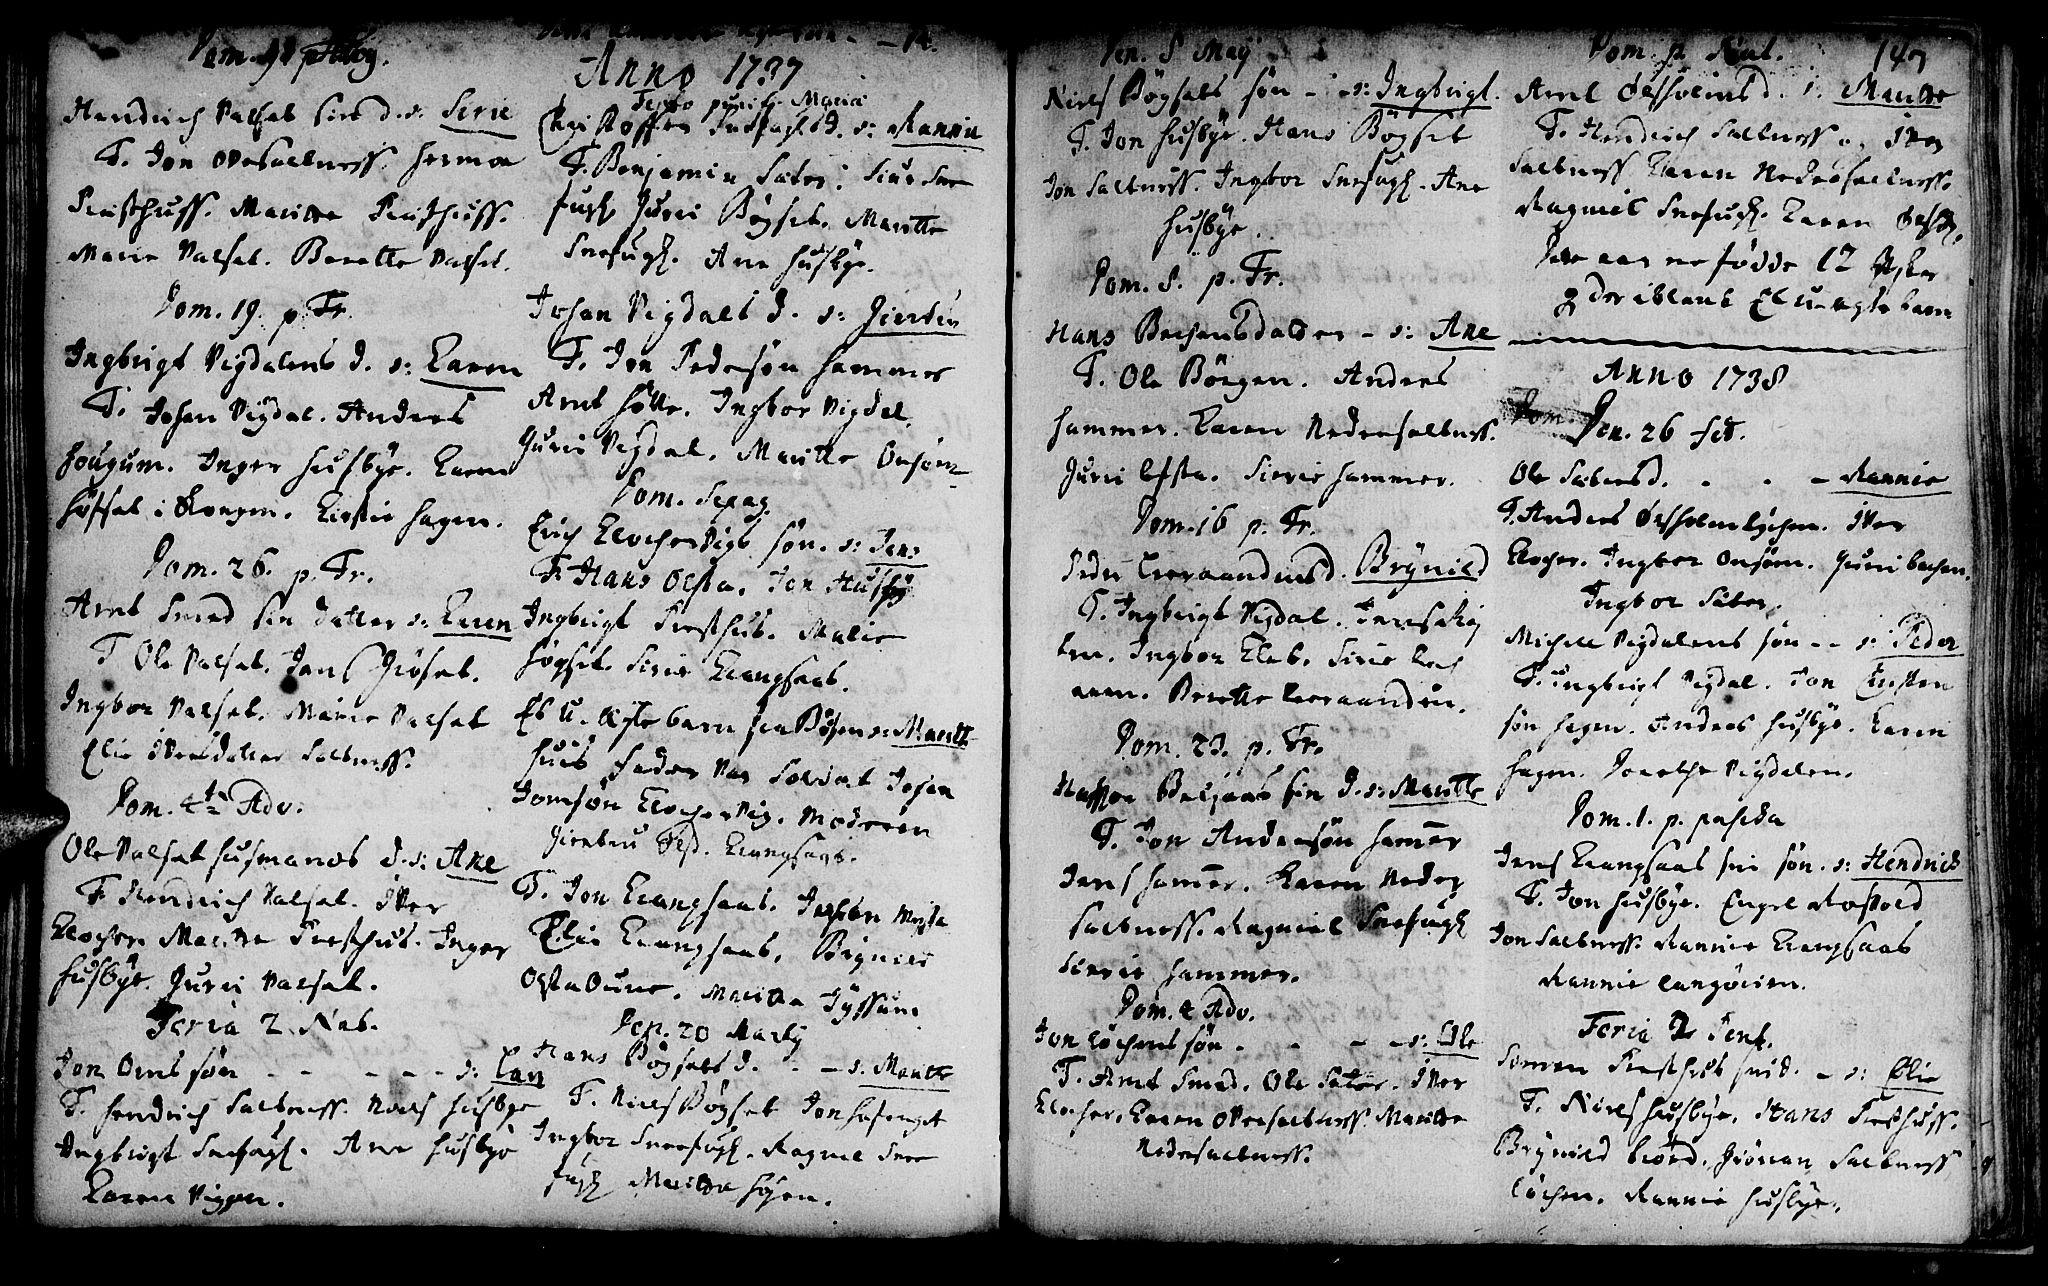 SAT, Ministerialprotokoller, klokkerbøker og fødselsregistre - Sør-Trøndelag, 666/L0783: Ministerialbok nr. 666A01, 1702-1753, s. 147